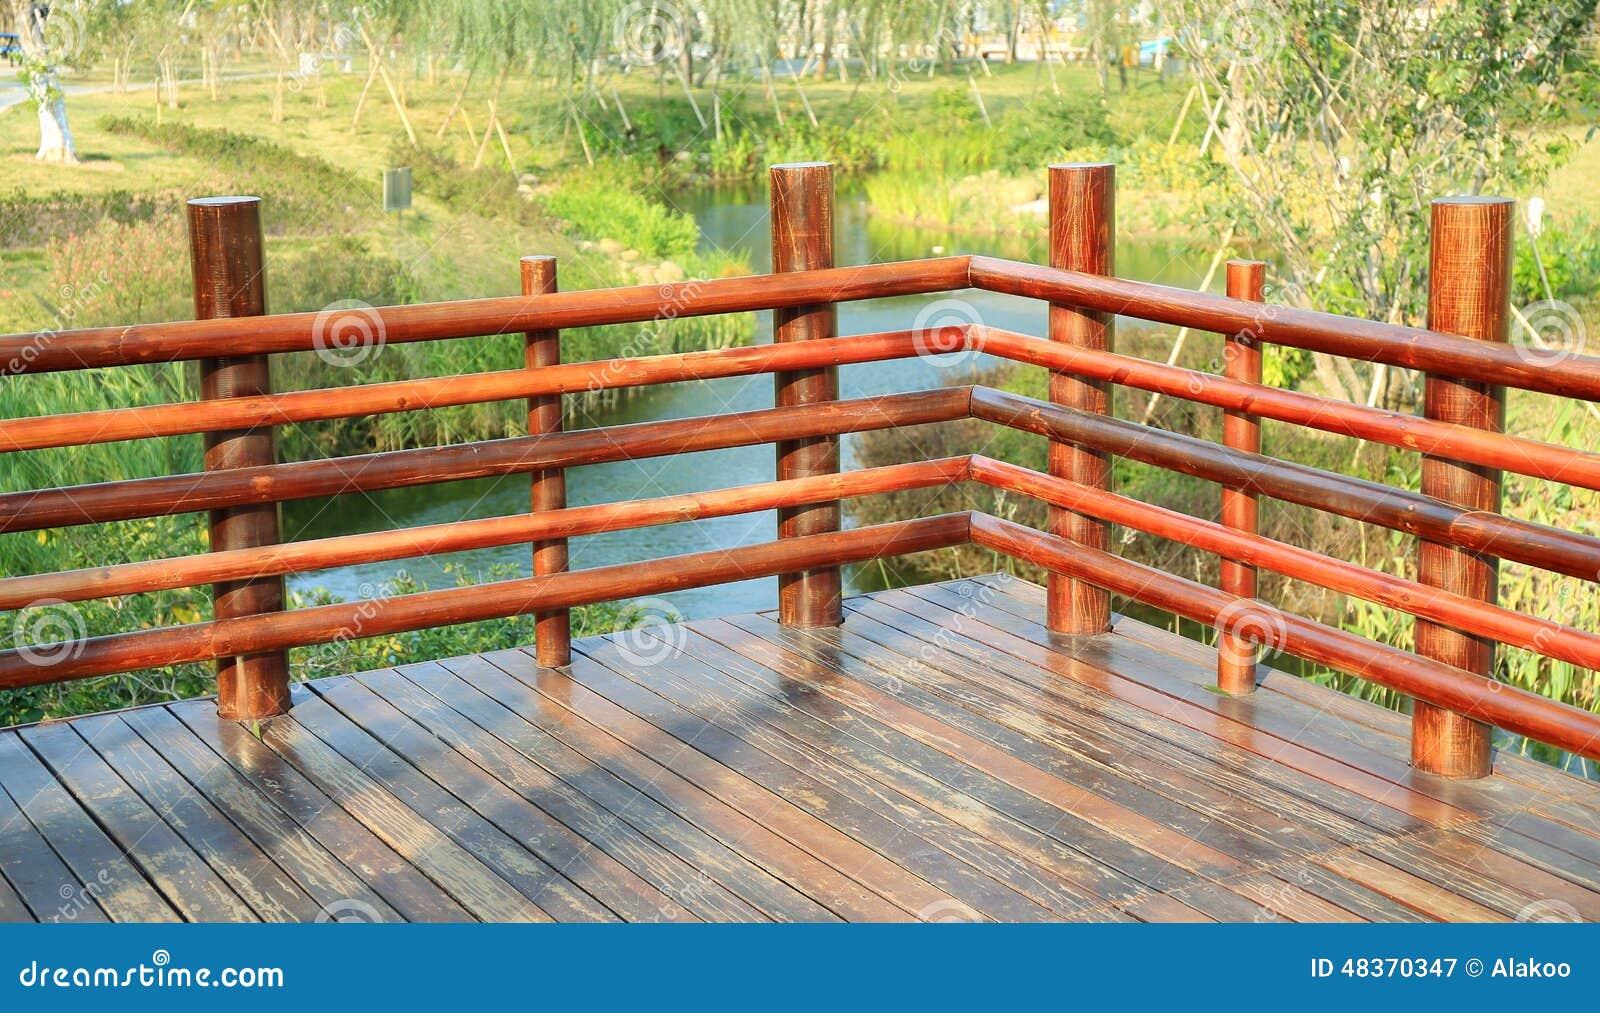 Wooden Deck Wood Outdoor Garden Patio Stock Photo Image